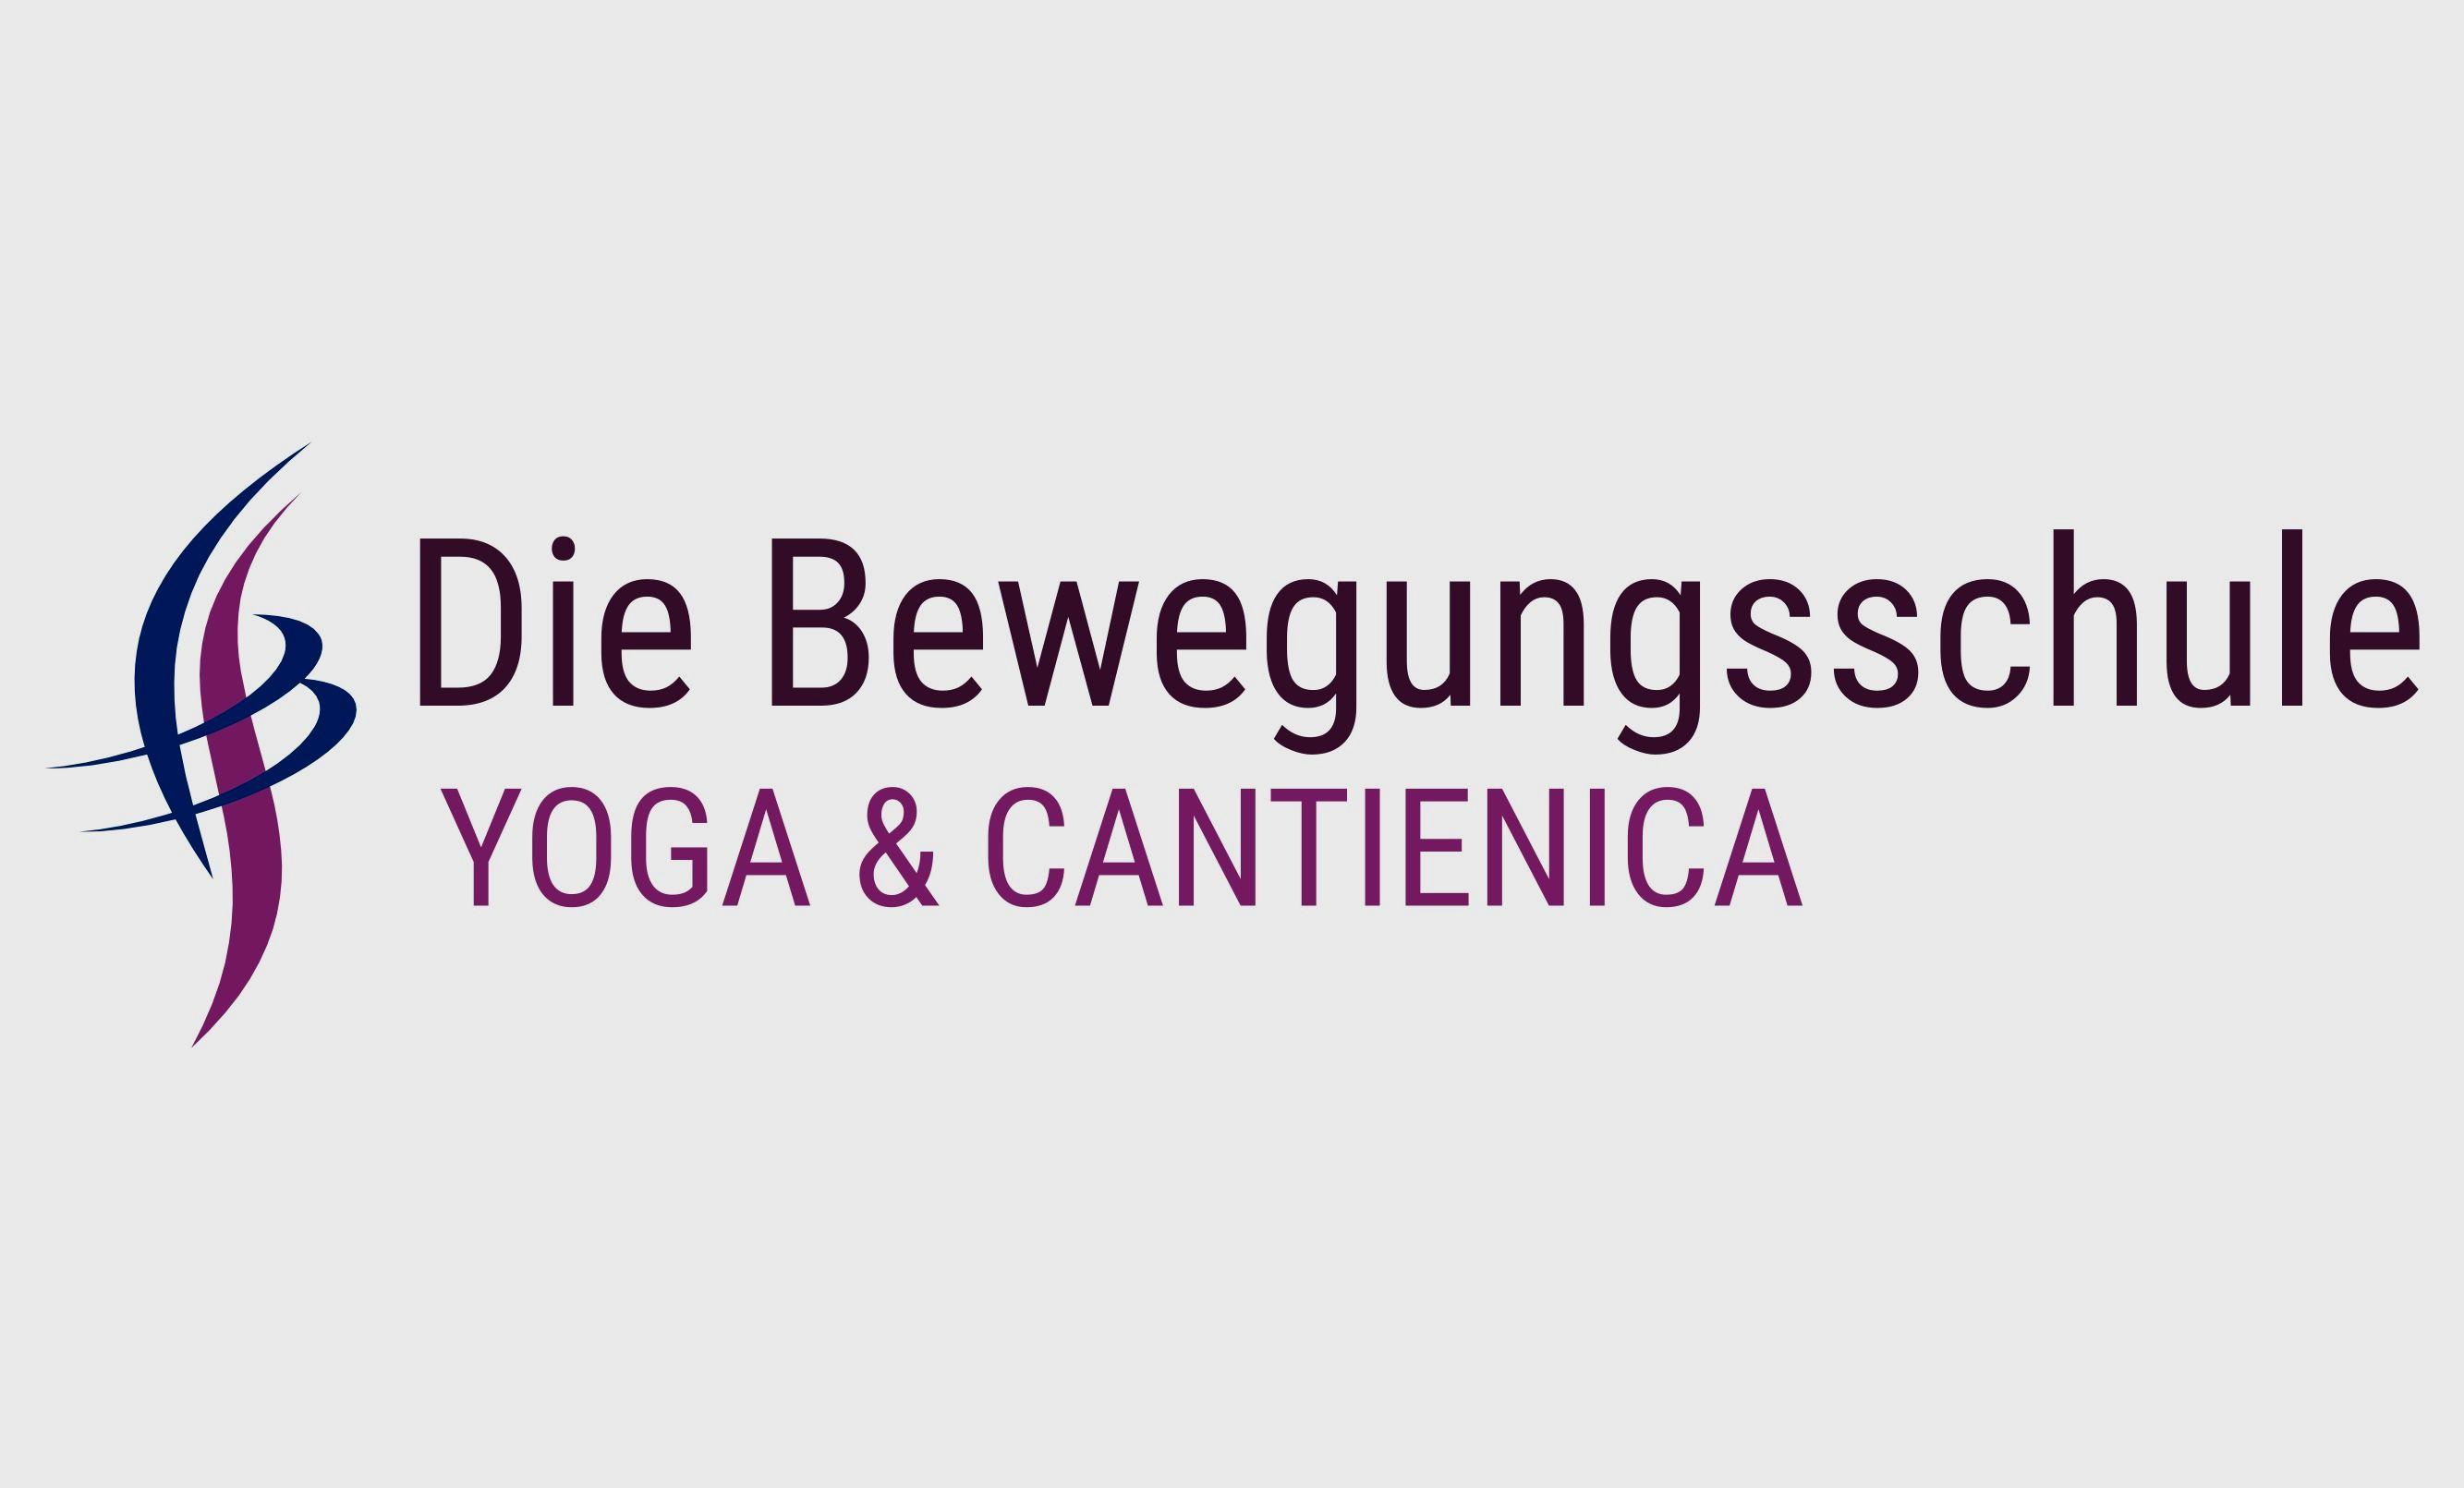 Die Bewegungsschule Yoga und Cantienica